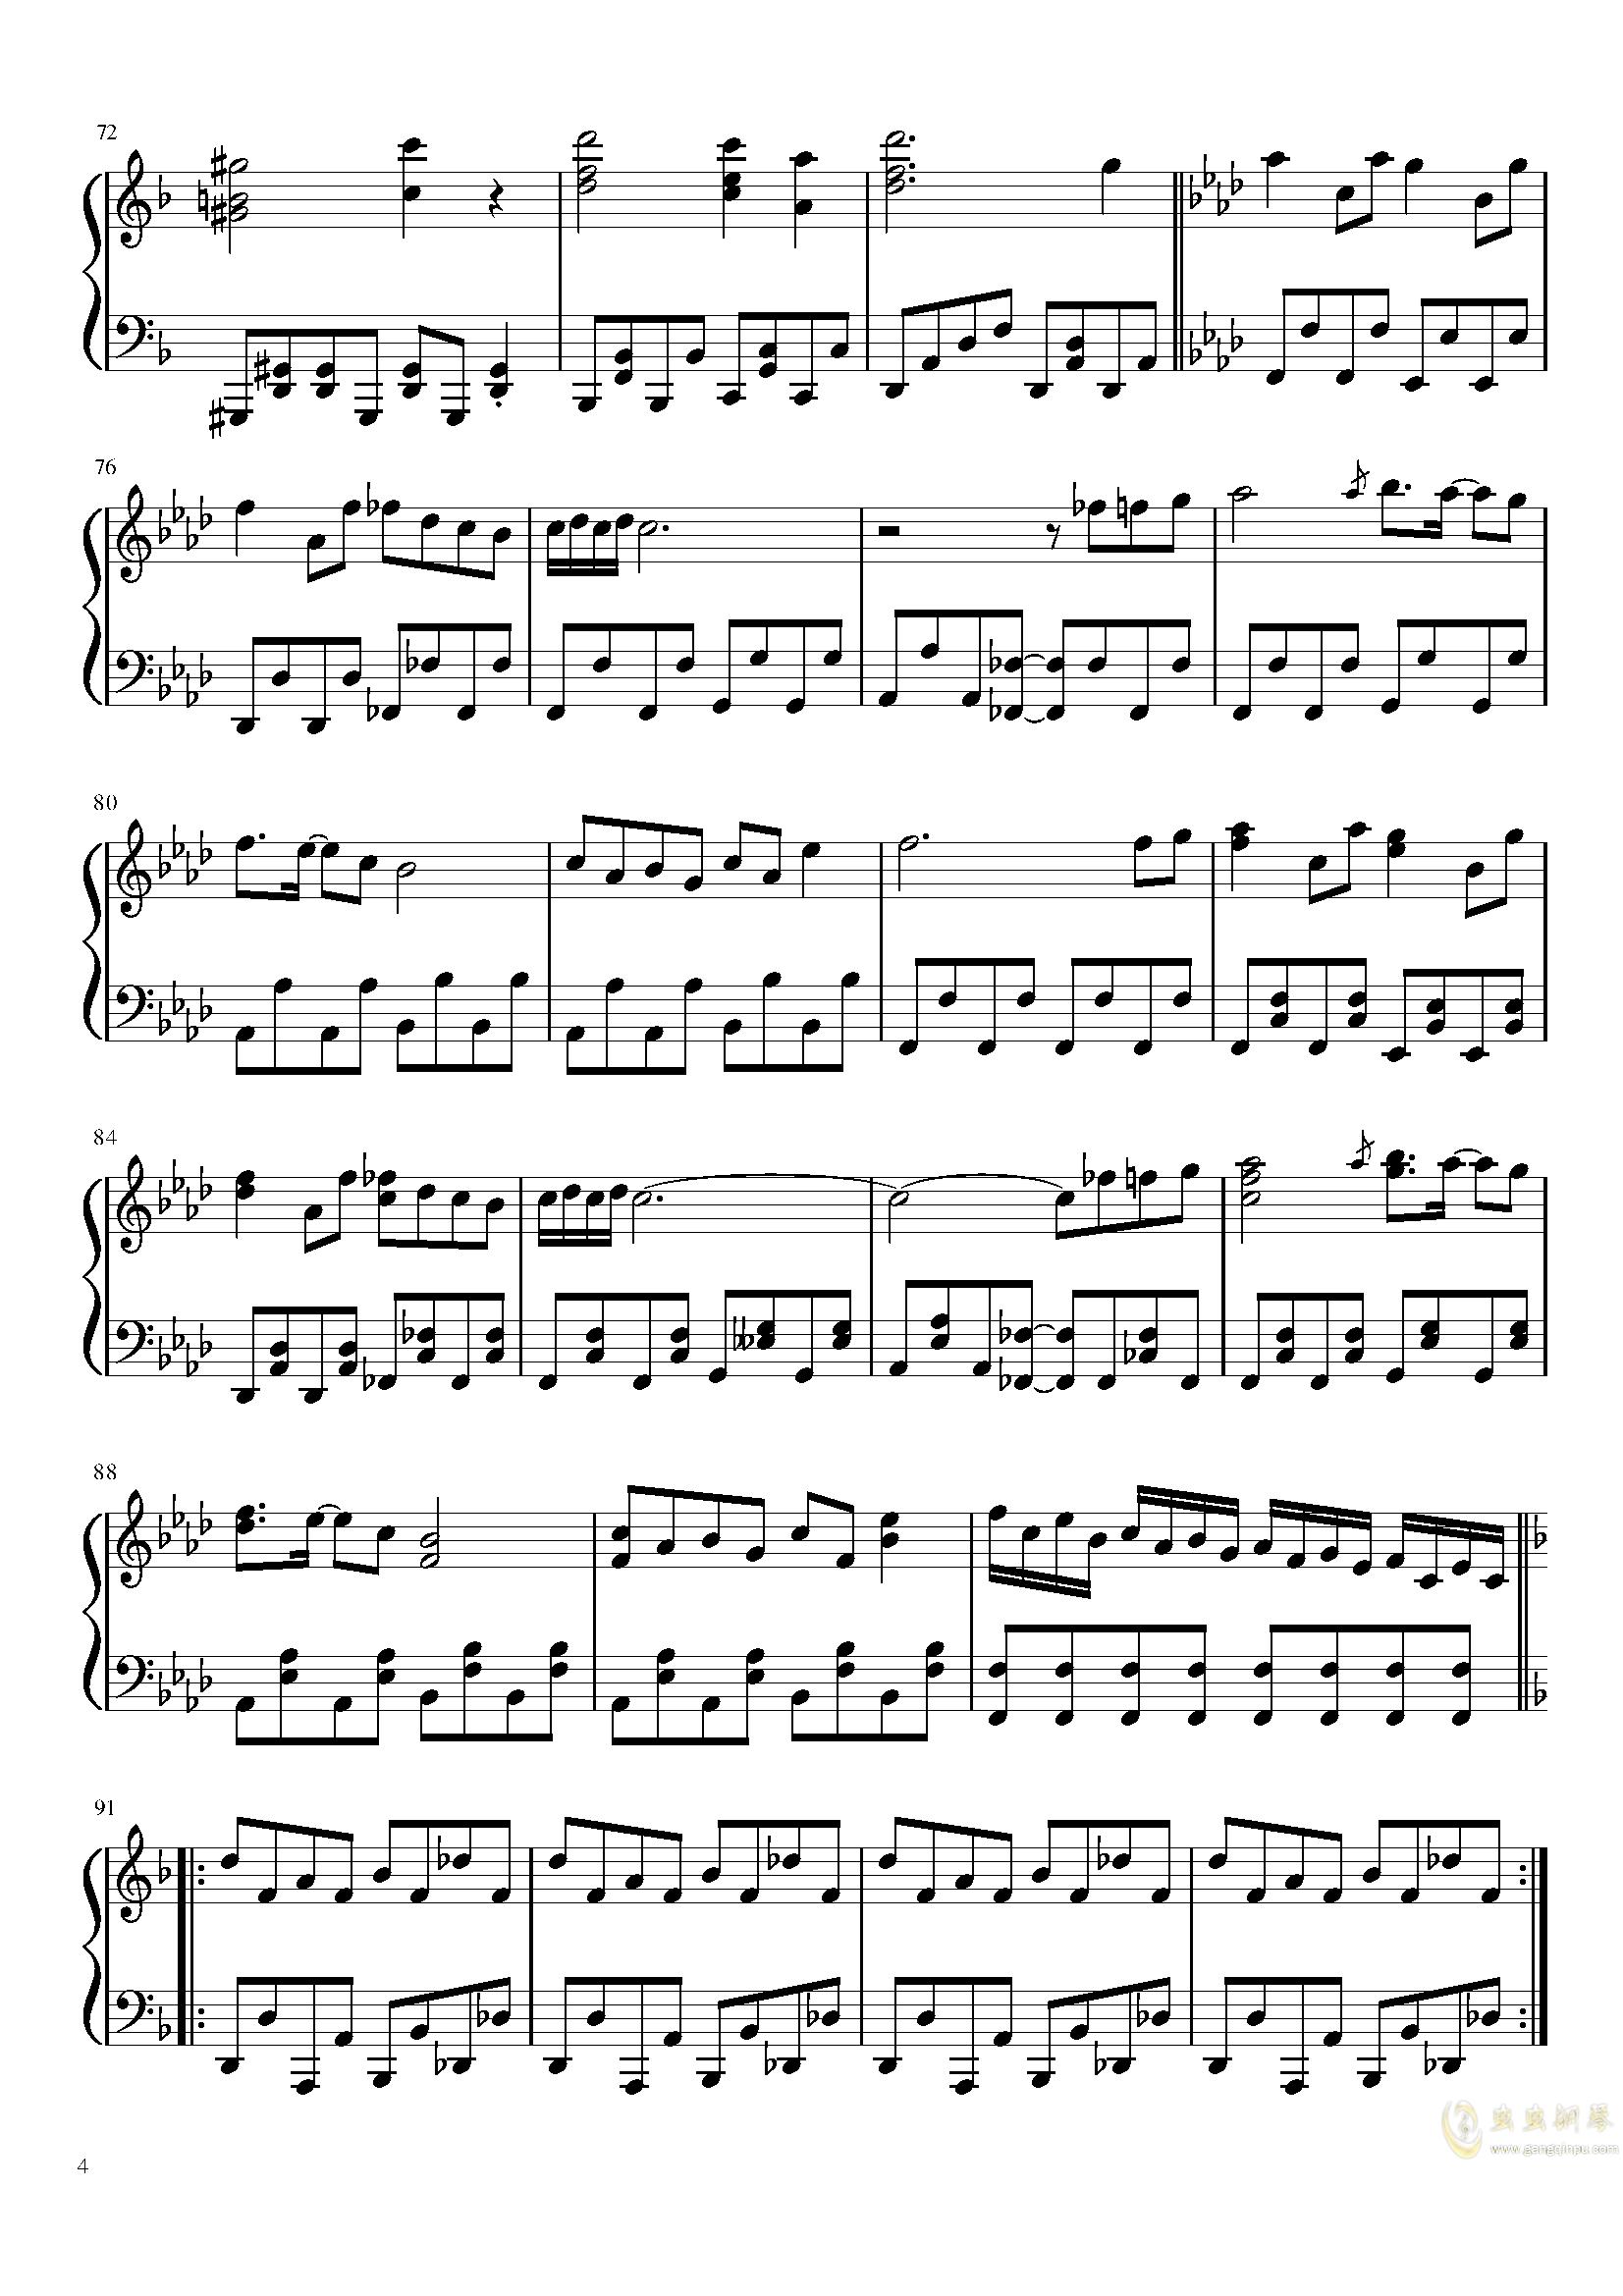 行星中文简谱-emonic Planet, Pandemonic Planet钢琴谱, Pandemonic Planet钢